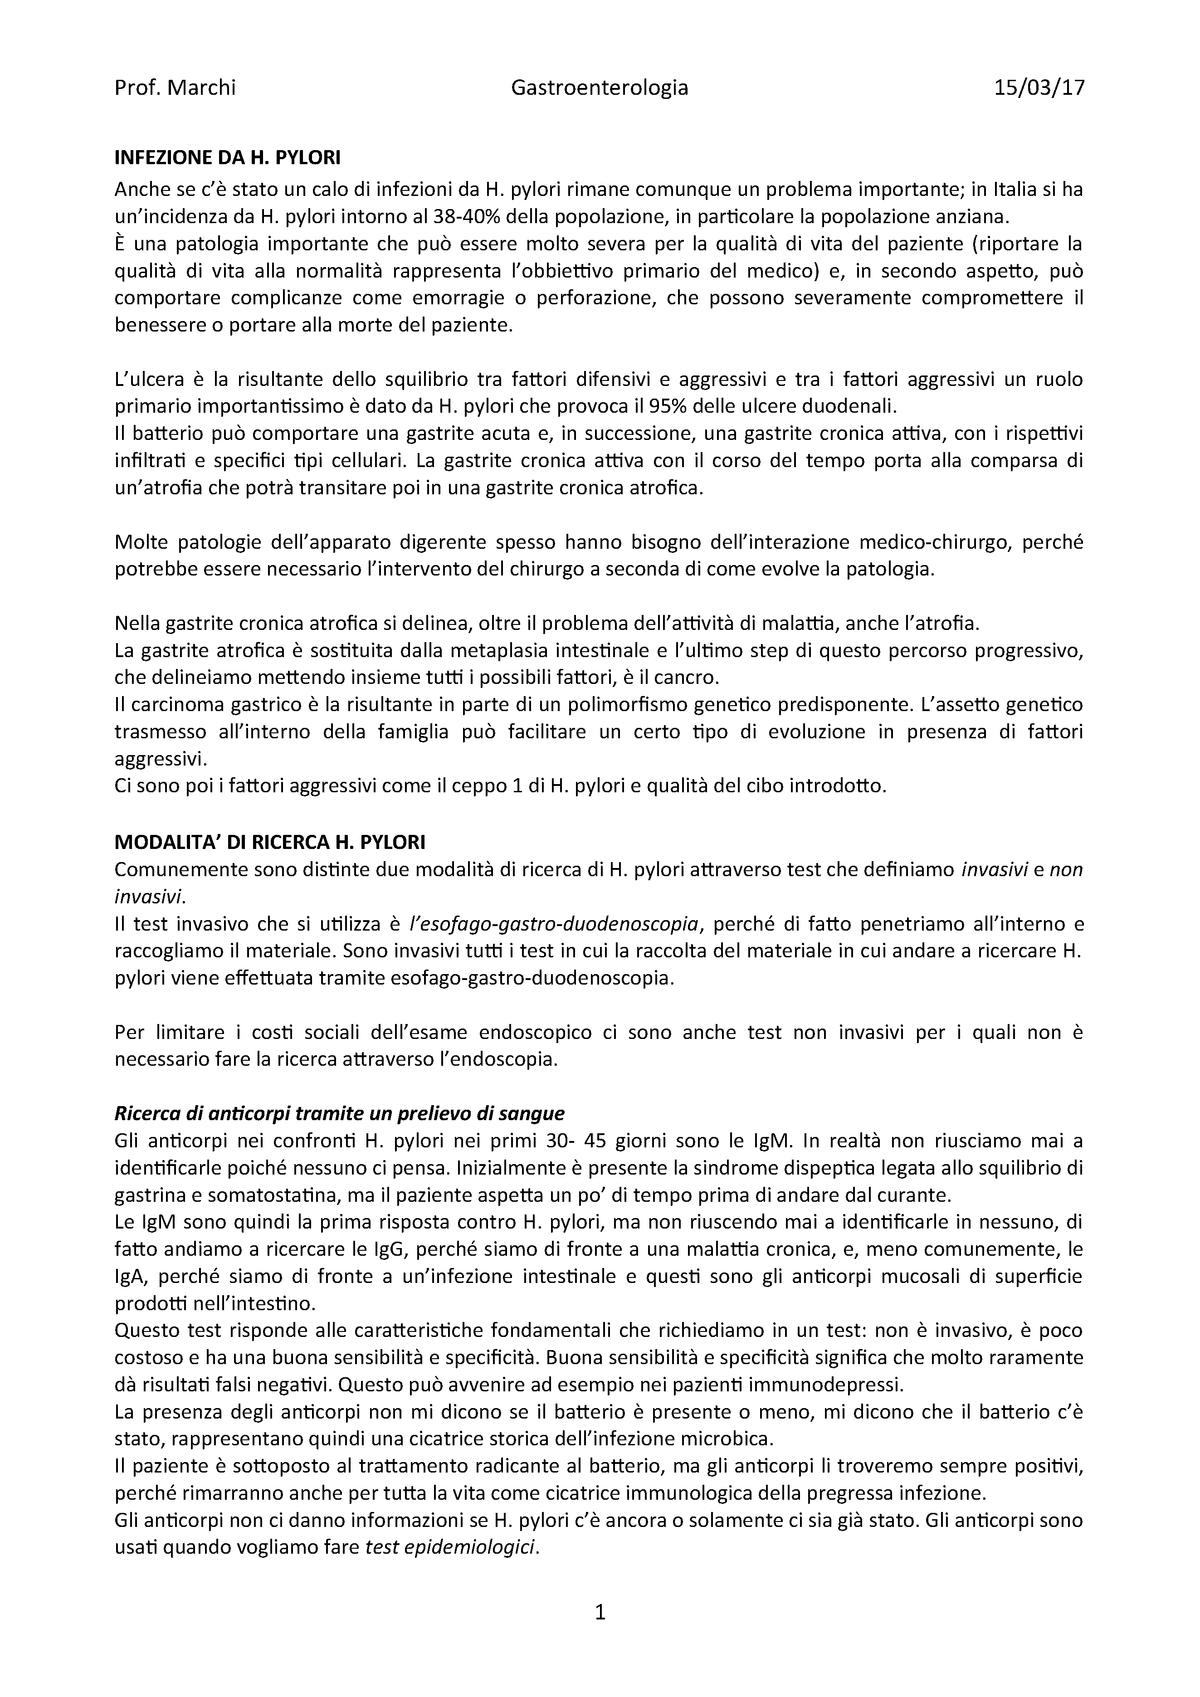 dieta raccomandata da h pylori